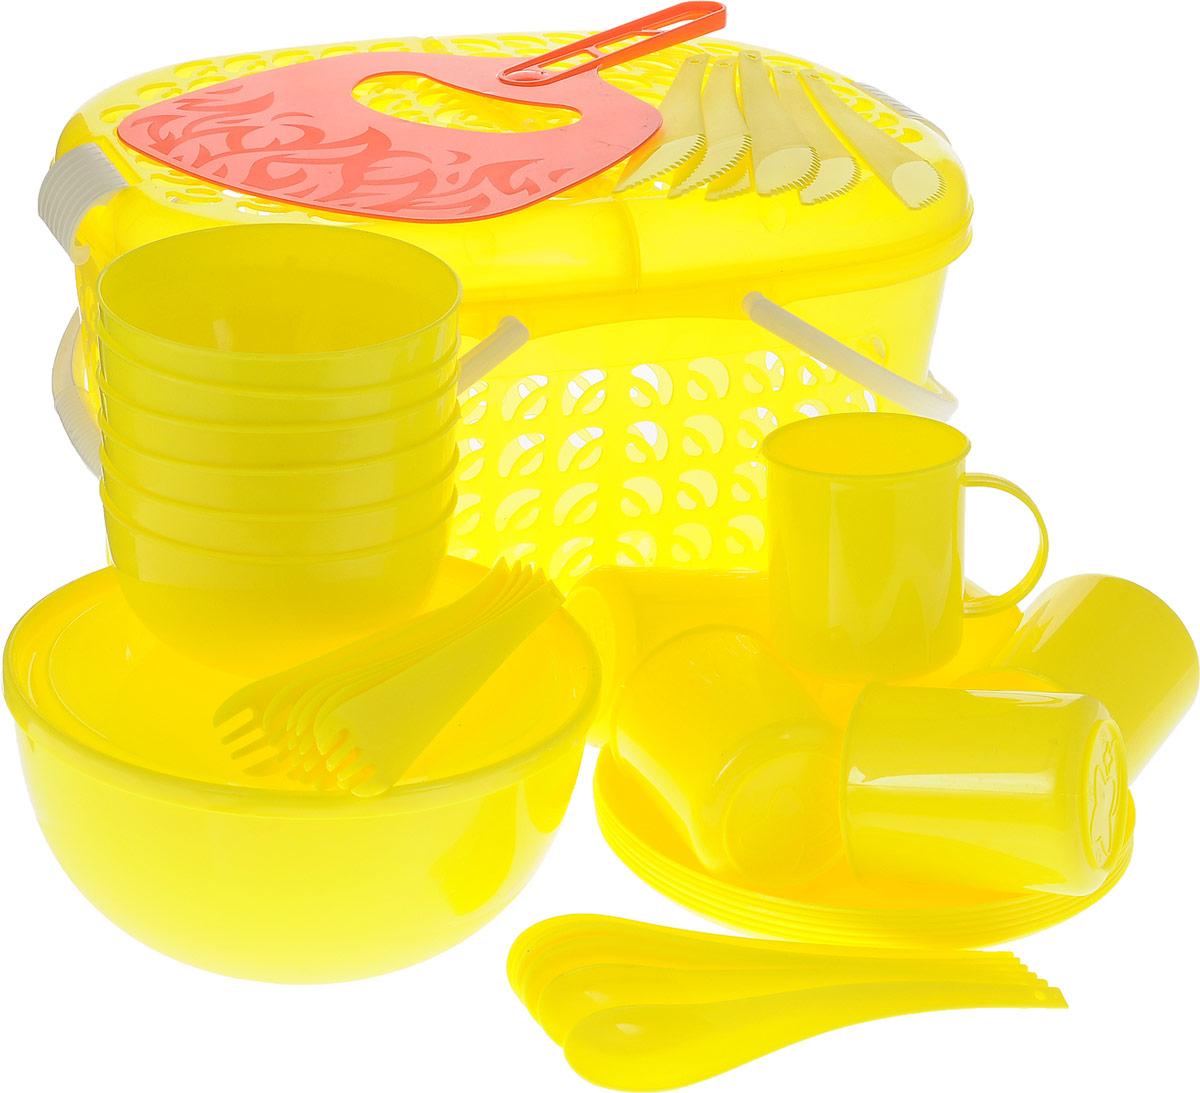 Набор для пикника Plastic Centre, цвет: желтый, красный, 41 предметПЦ1842ЛМННабор для пикника Plastic Centre, выполненный из высококачественного полипропилена, рассчитан на 6 персон. В набор входят корзина-переноска с крышкой, большой салатник с крышкой, веер для раздувания, 6 маленьких салатников, 6 тарелок, 6 кружек, 6 вилок, 6 ложек и 6 ножей. Набор для пикника Plastic Centre - это все, что нужно для организации загородной поездки. Легкую посуду удобно взять с собой. Яркие цвета и привлекательный дизайн создадут уютную атмосферу и дополнят радостные моменты на природе. Прочный пластик подходит для многократного использования. Корзина-переноска скрышкой и удобными ручками позволит вместить не только сам набор, но и еду для пикника. Набор для пикника Plastic Centre обеспечит полноценный отдых на природе для большой компании или семьи. Объем большого салатника: 2,5 л.Диаметр большого салатника (по верхнему краю): 20,5 см.Высота большого салатника: 10 см.Объем маленького салатника: 550 мл.Диаметр маленького салатника (по верхнему краю): 12,5 см.Высота маленького салатника: 6 см.Диаметр тарелки: 20 см.Высота тарелки: 1,5 см.Объем кружки: 200 мл.Диаметр кружки (по верхнему краю): 7,5 см.Высота кружки: 8,5 см.Длина вилки: 18,5 см.Размер рабочей части вилки: 5,5 х 3 см.Длина ложки: 18,5 см.Размер рабочей части ложки: 6 х 3,5 см.Длина ножа: 19 см.Размер рабочей части ножа: 6,5 х 3 см.Размер корзины-переноски (без учета ручек и крышки): 37 х 27 х 21 см.Размер веера для раздува огня: 20 х 30,5 см.